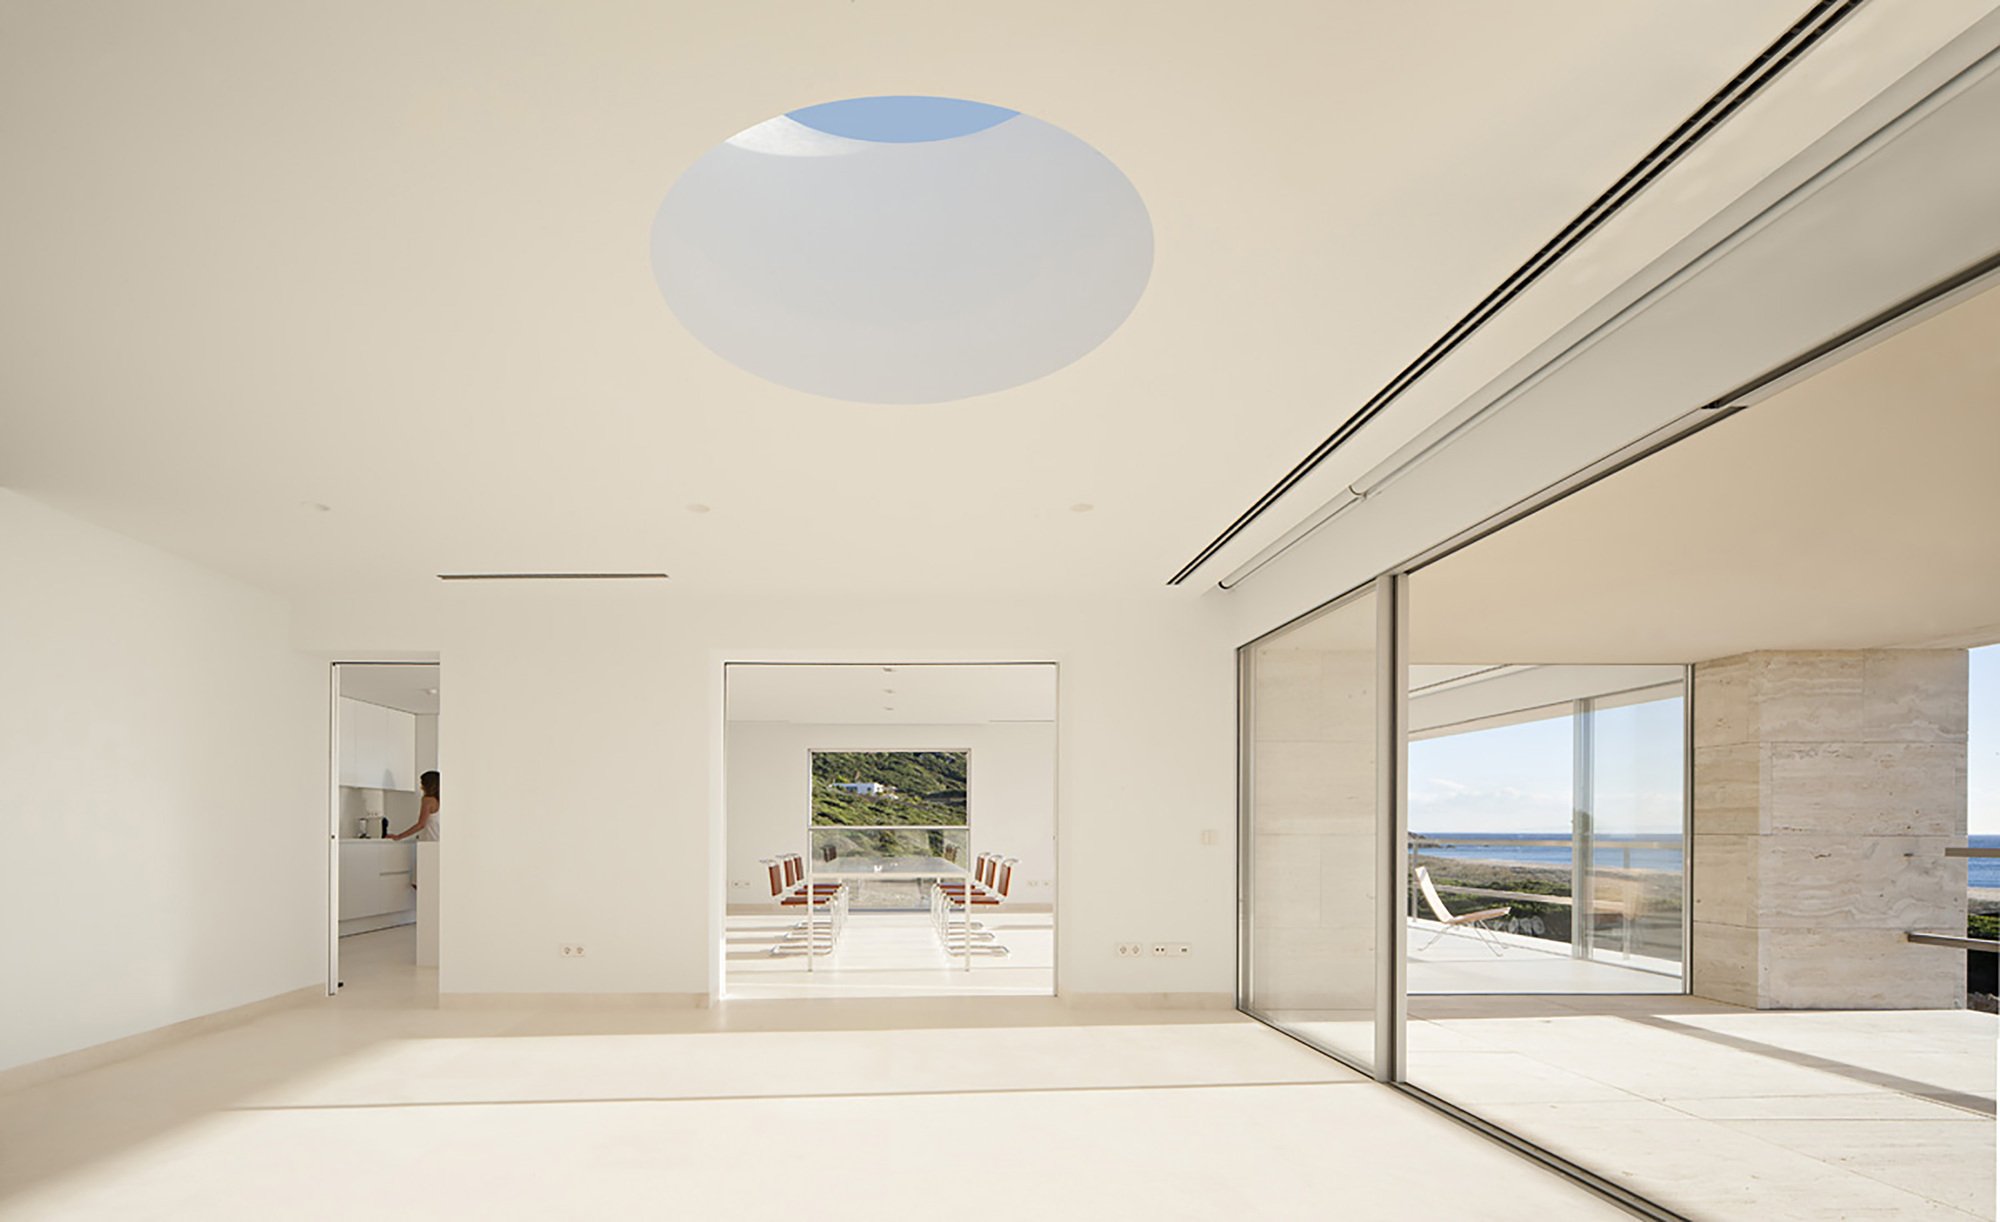 architects alberto campo baeza